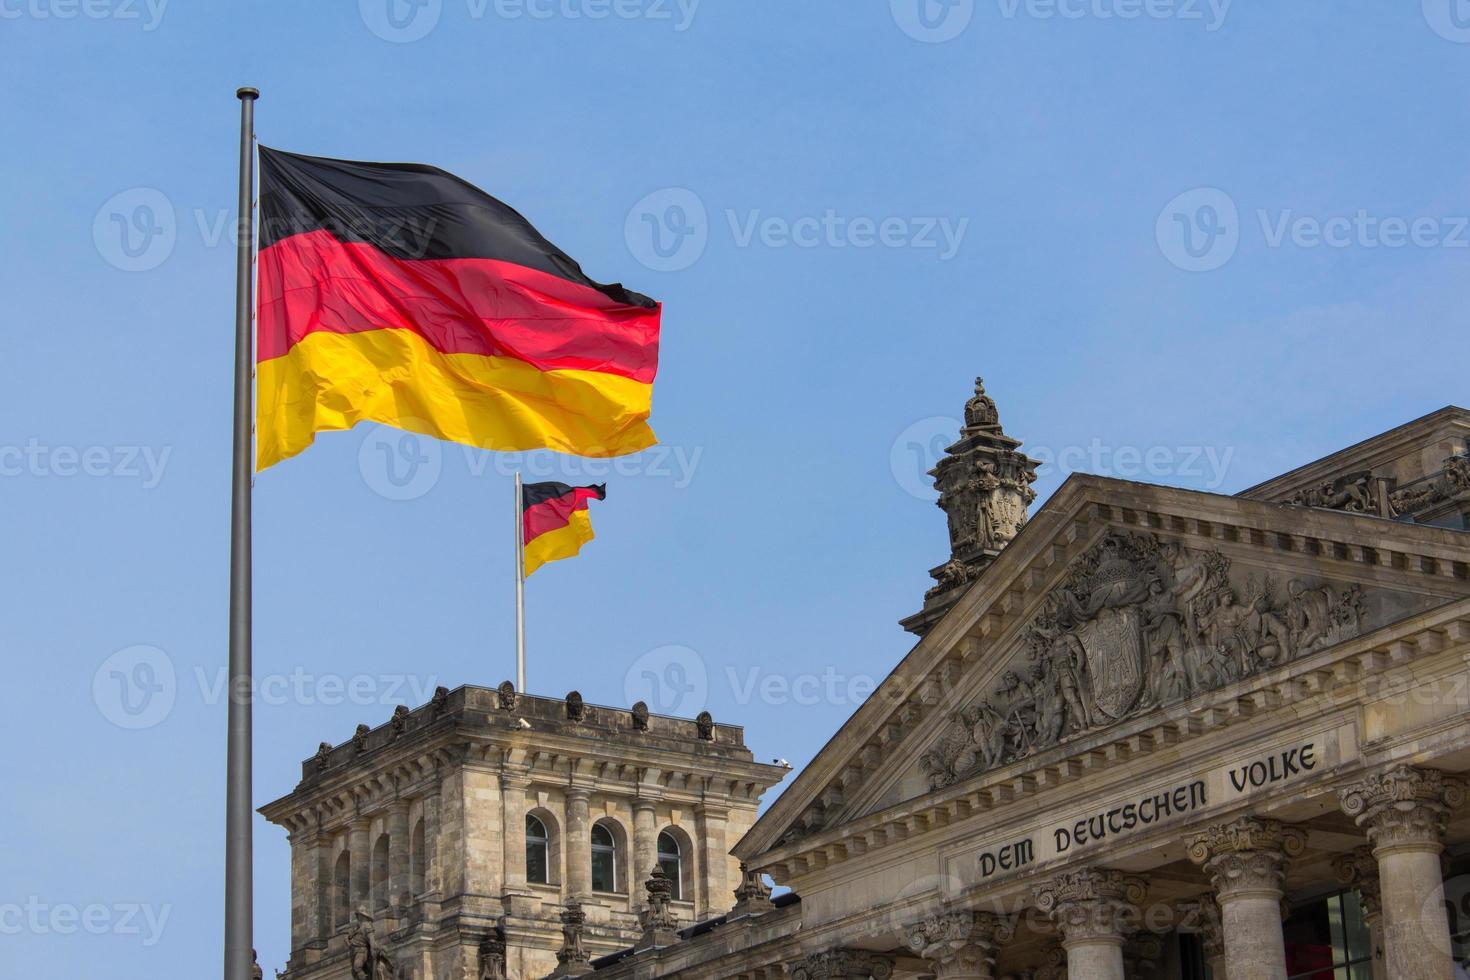 tysk flagga på riksdagens byggnad i Berlin: tyska parlamentet foto